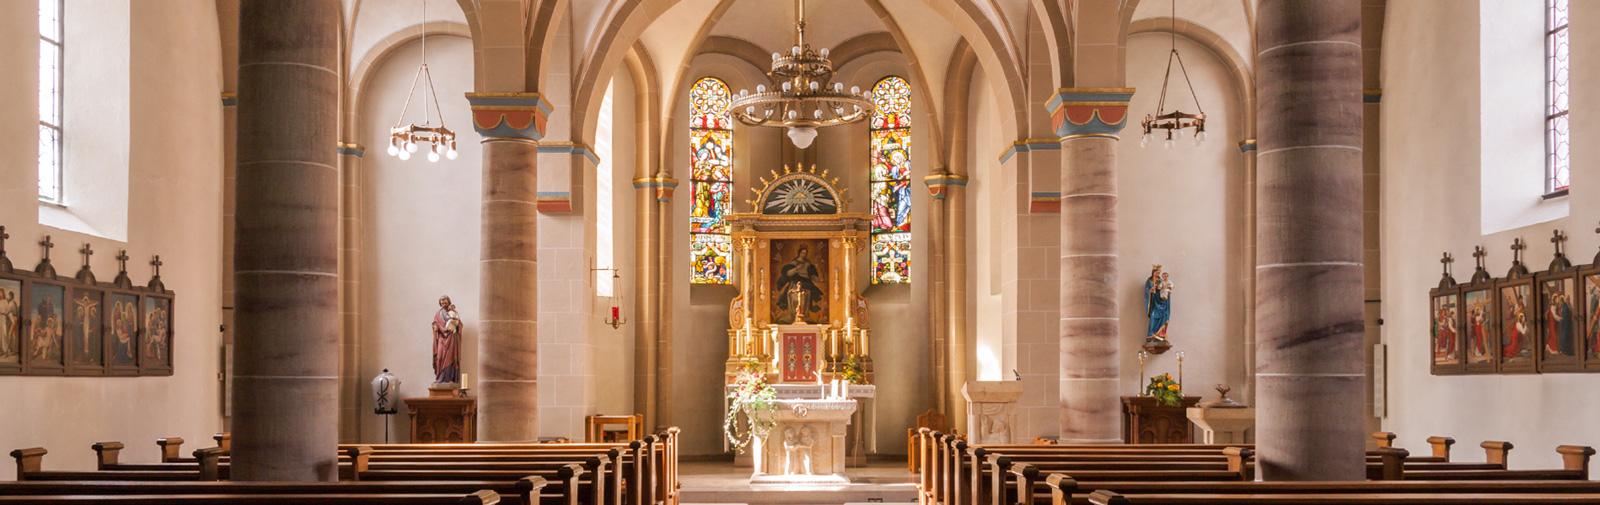 St. Marien Roflzen